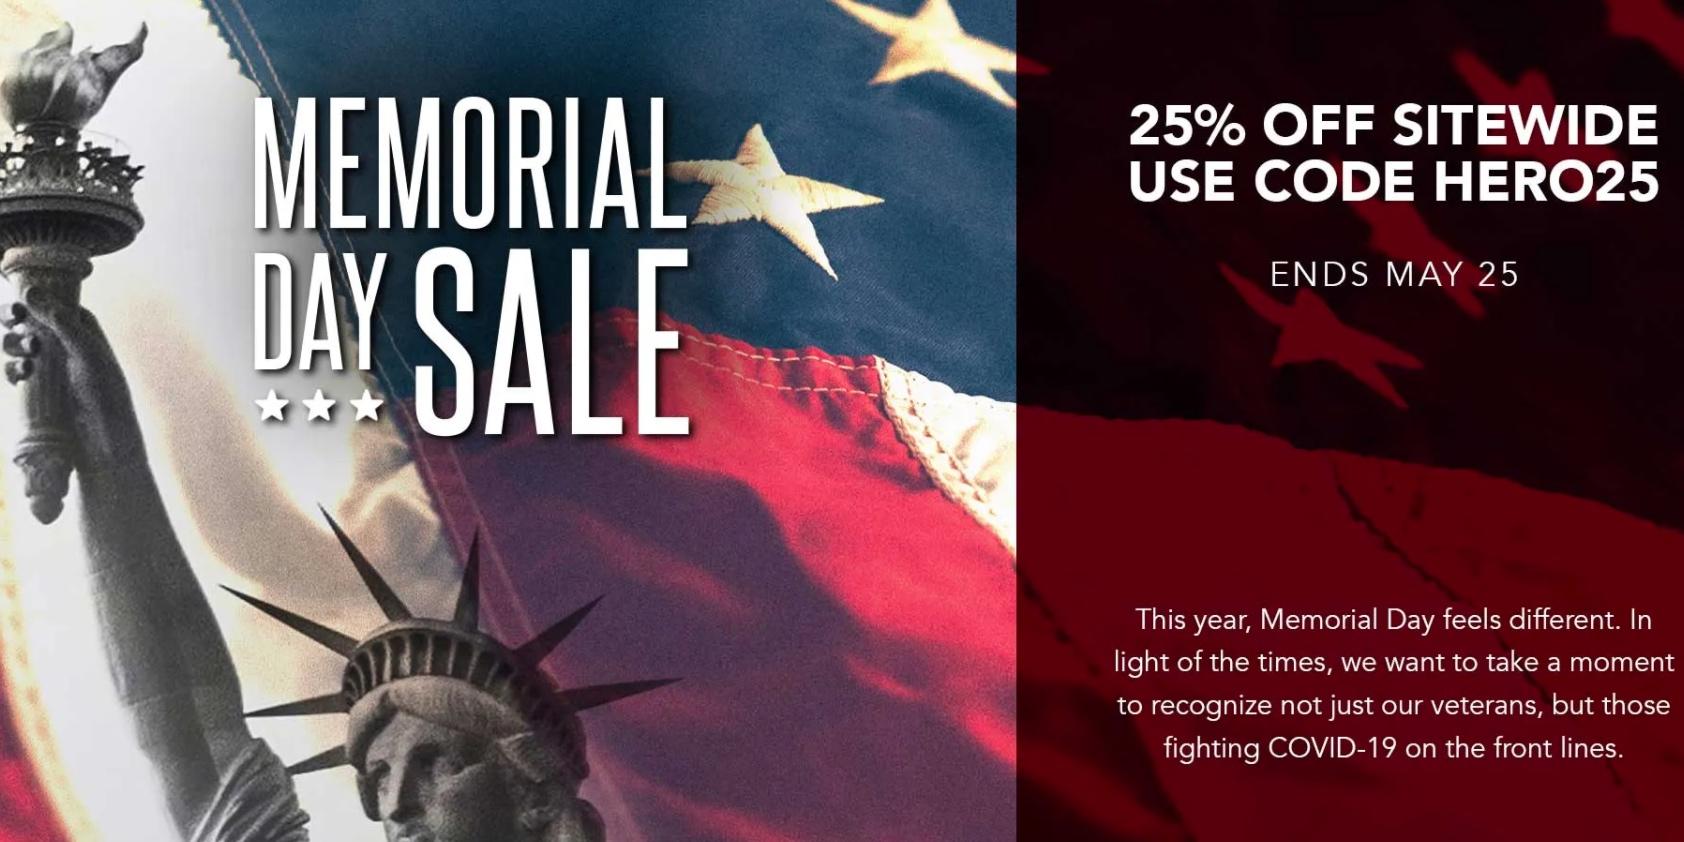 Caudabe Memorial Day iPhone case sale